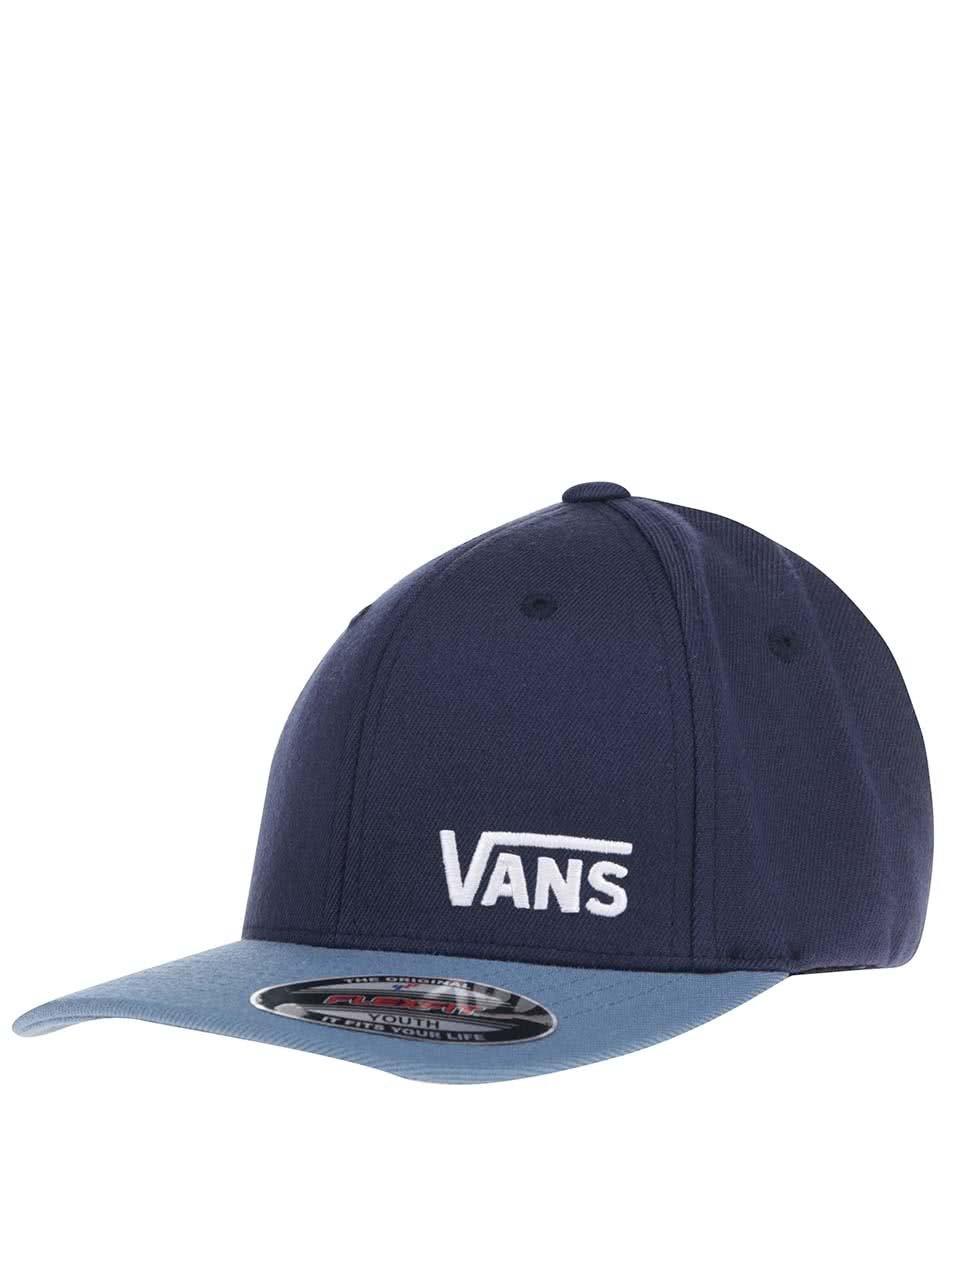 0cf5be116ea Modrá pánská kšiltovka s nápisem Vans ...